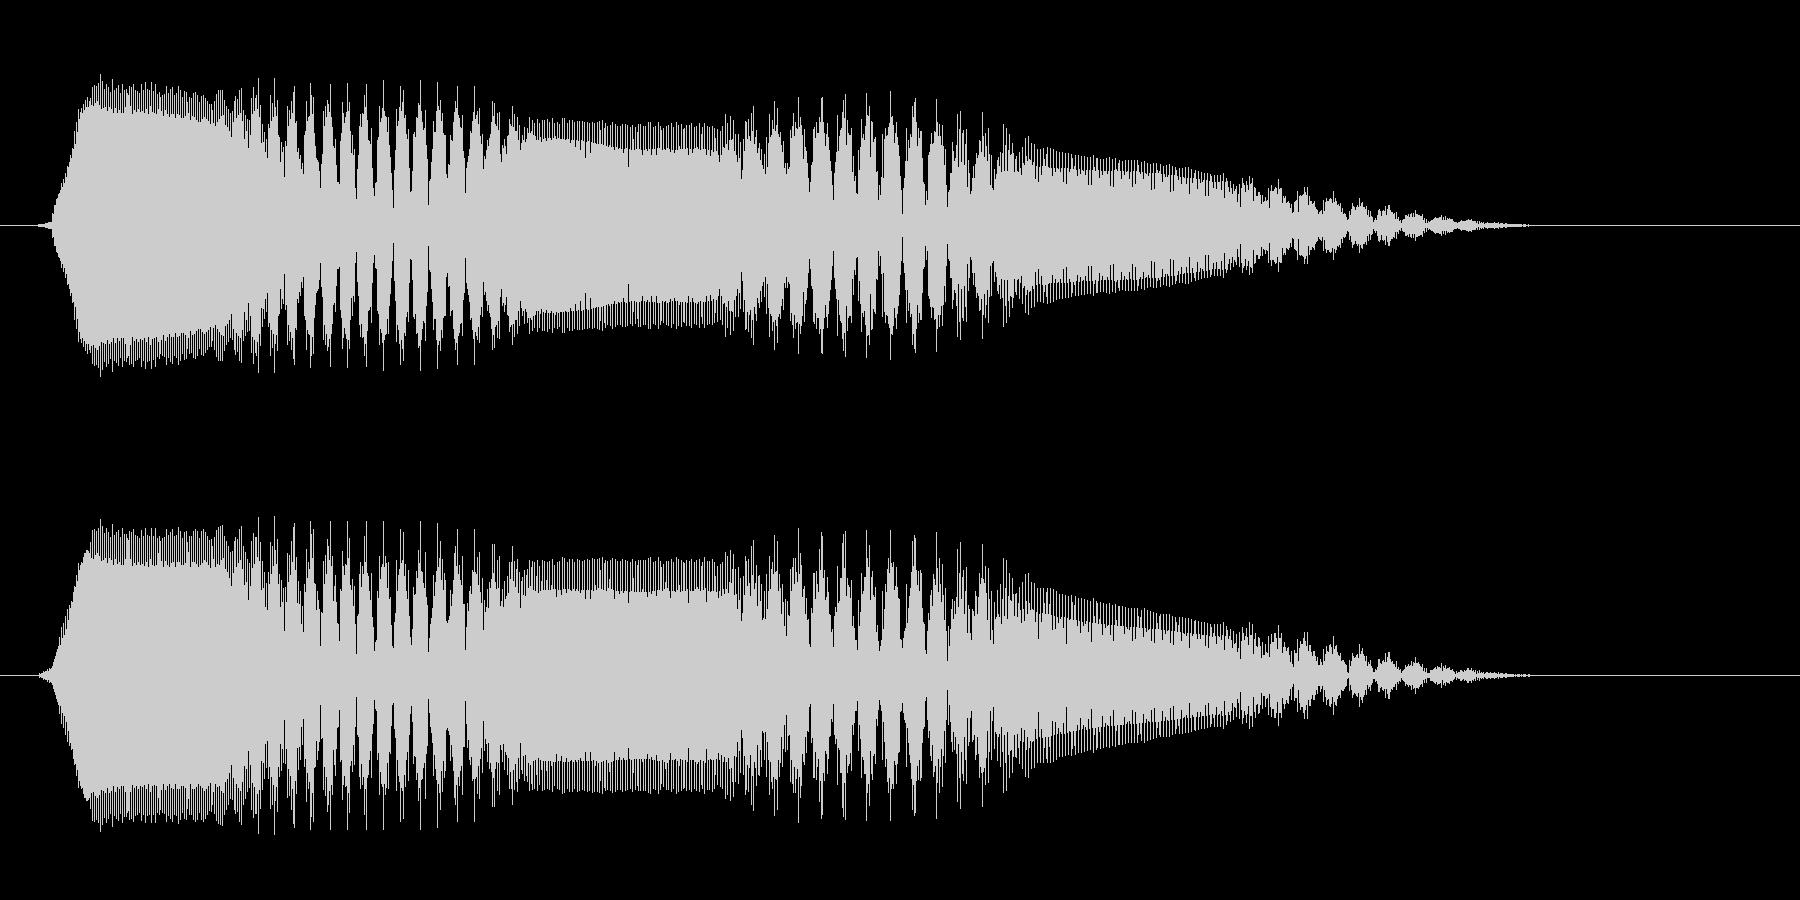 ピュロ(高音 電子音)の未再生の波形